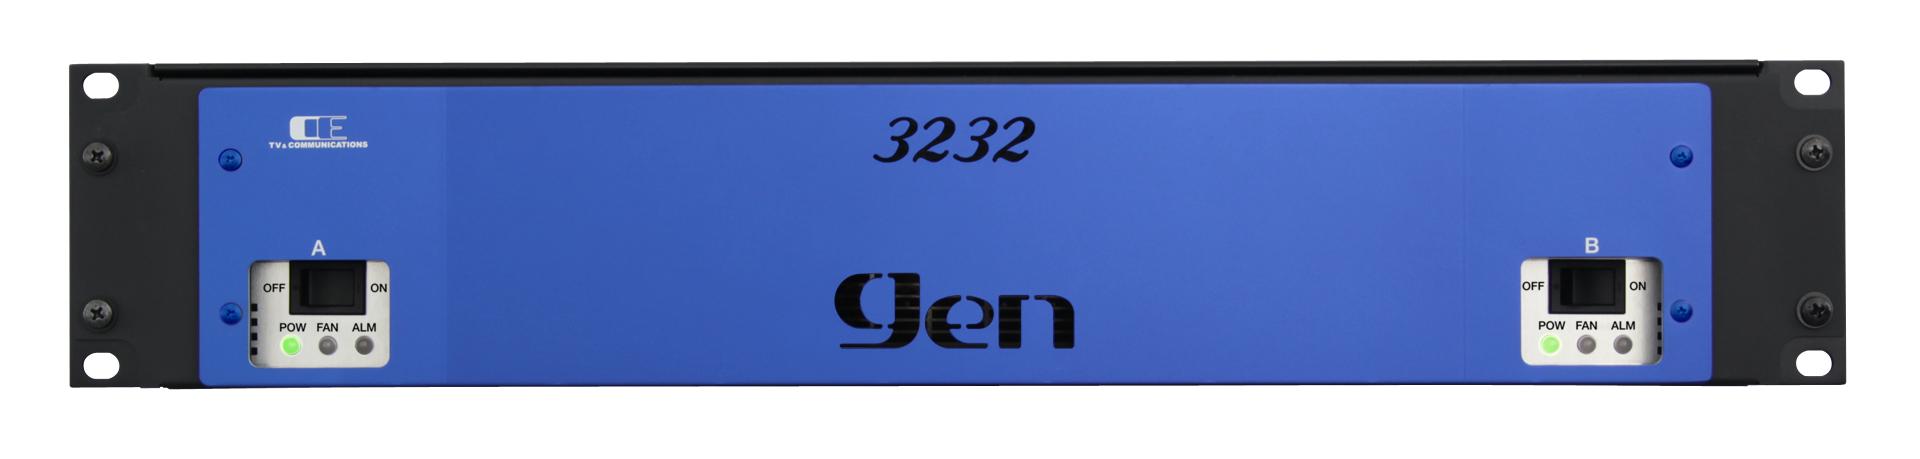 gen3232_front202101